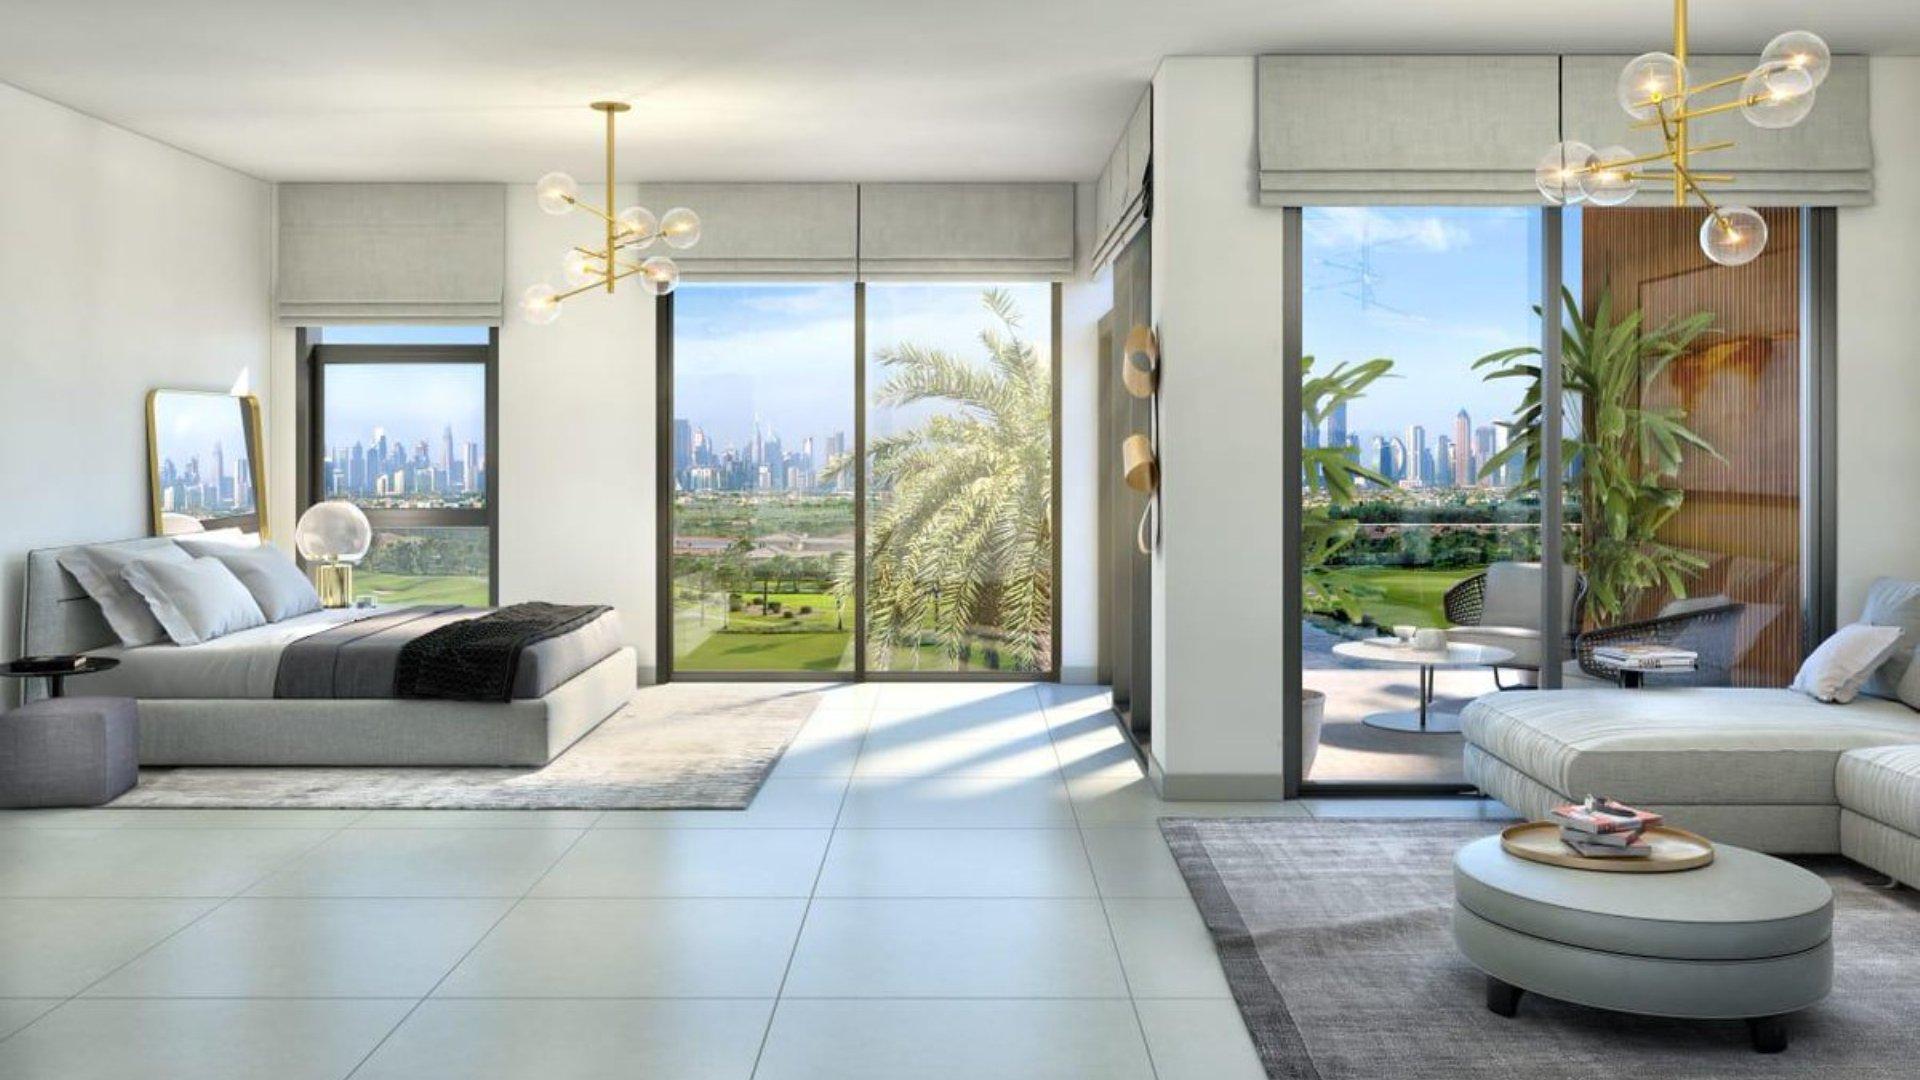 Villa en venta en Dubai, EAU, 3 dormitorios, 272 m2, № 24392 – foto 1